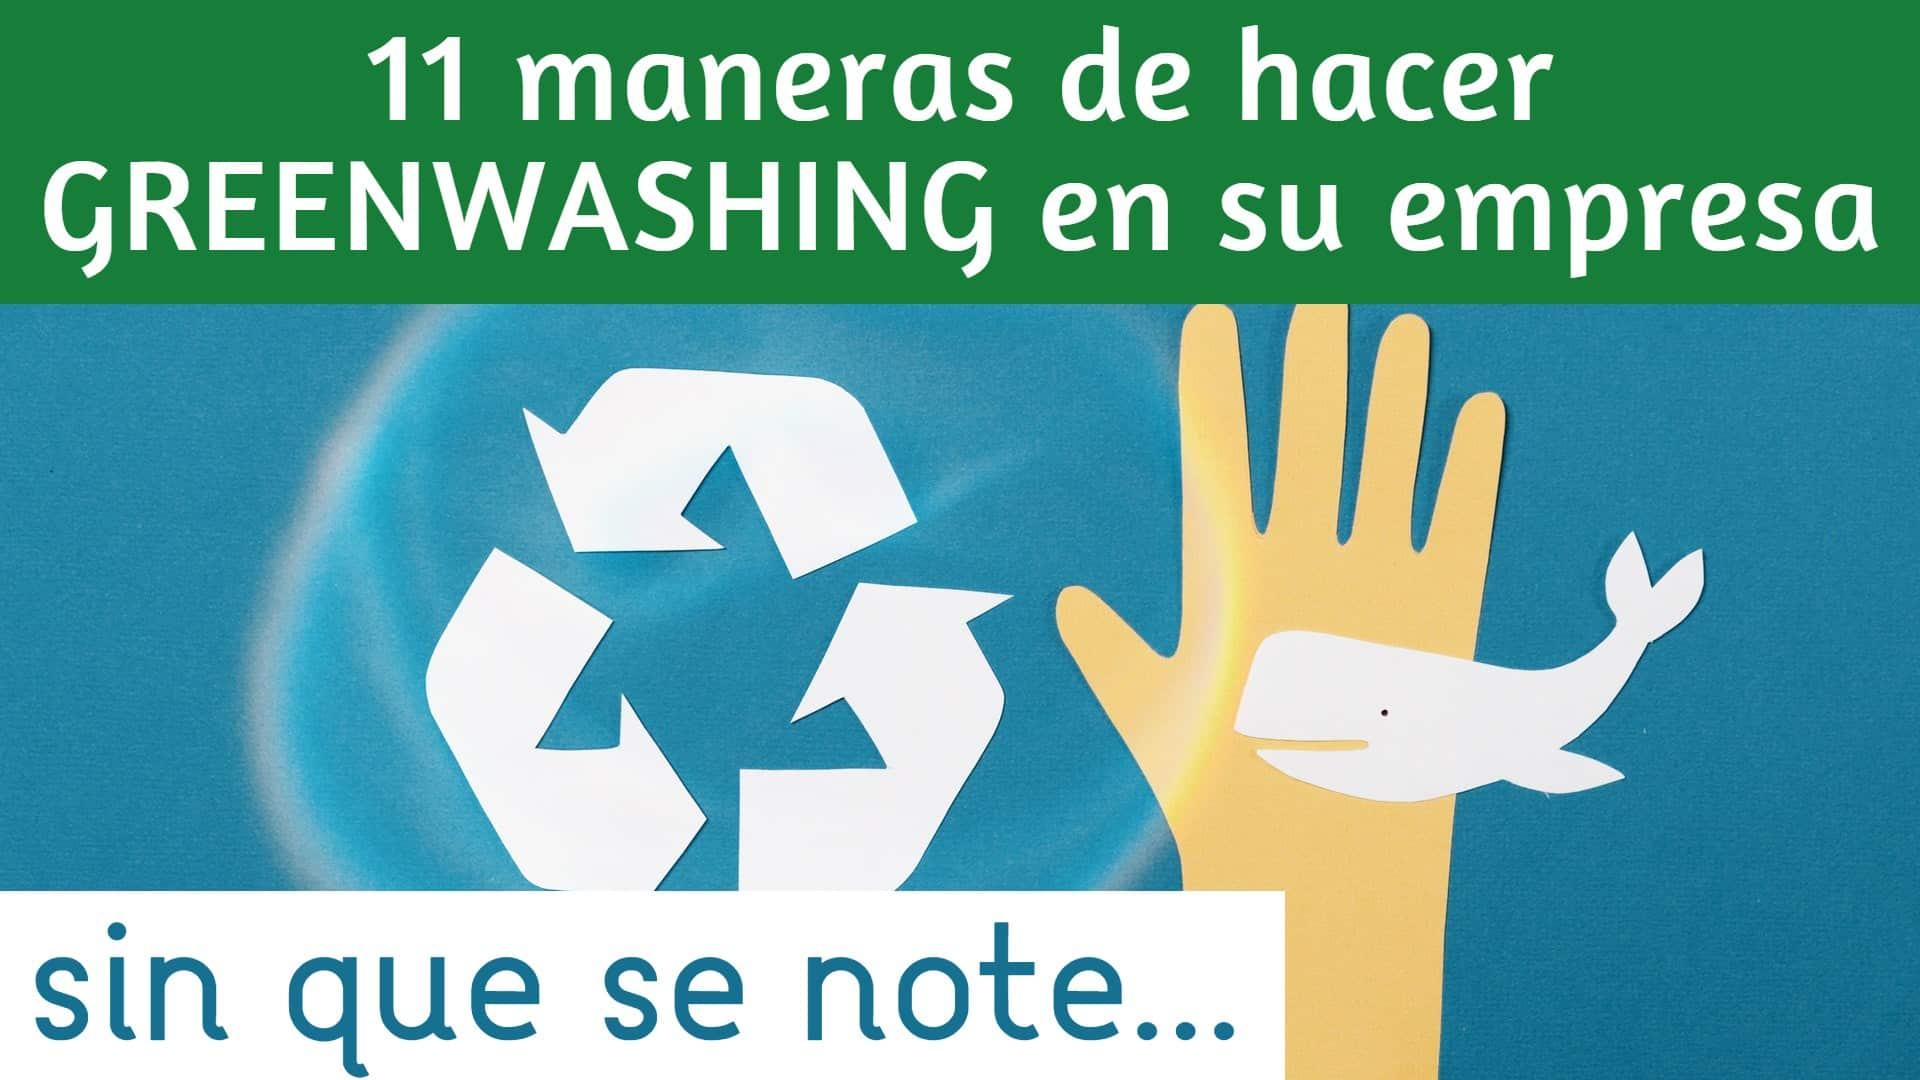 greenwashing ejemplos